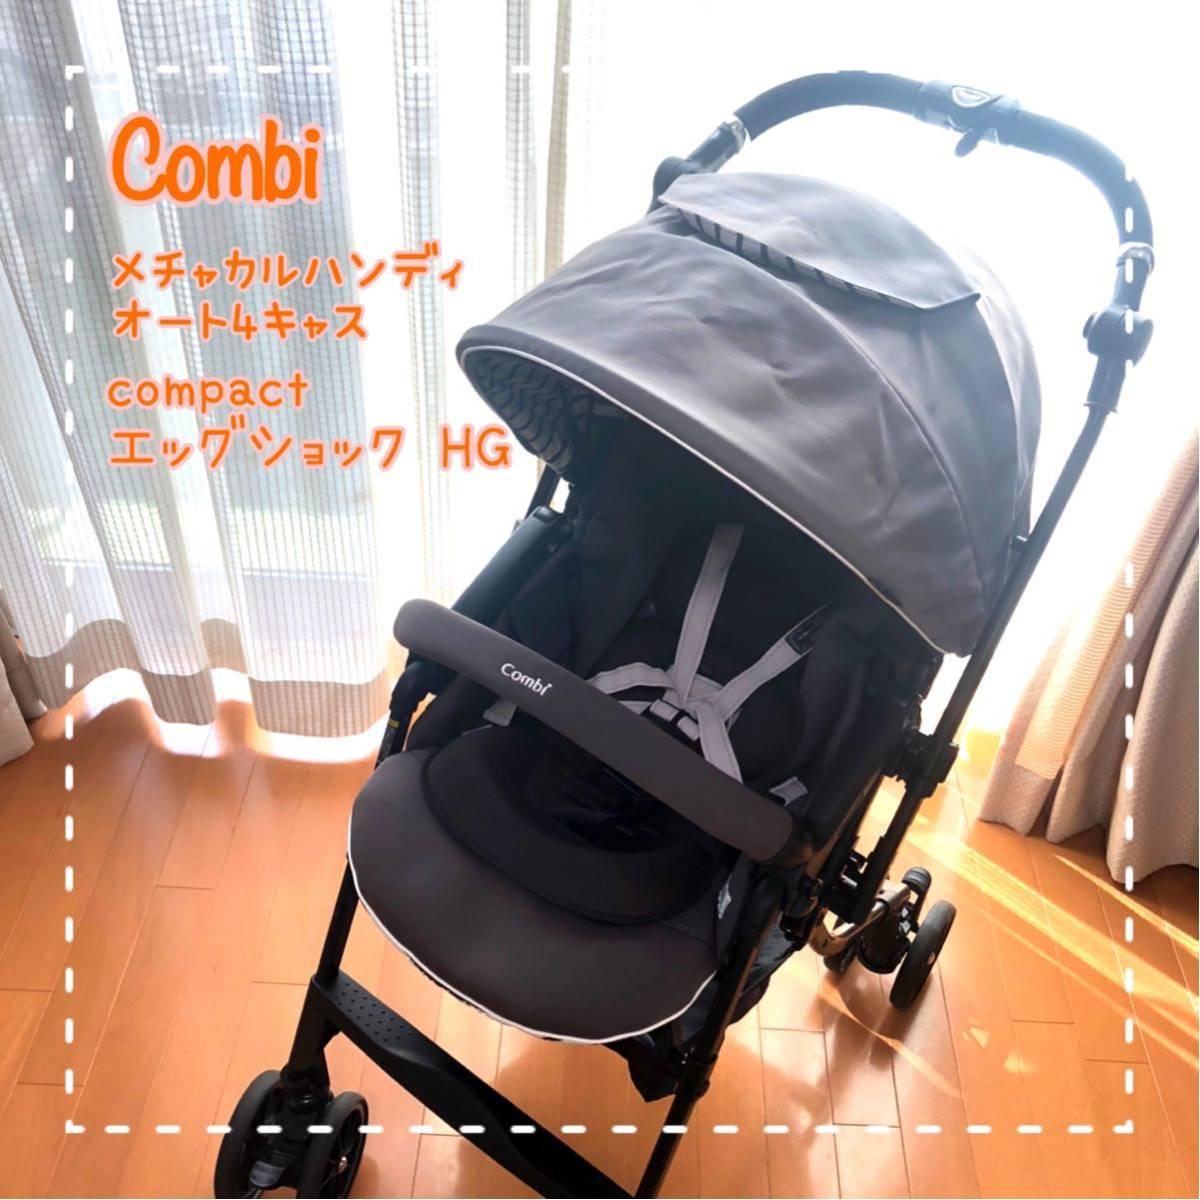 【送料無料】Combi コンビ メチャカルハンディオート4キャス compact エッグショック HG チャコールブラック_画像1